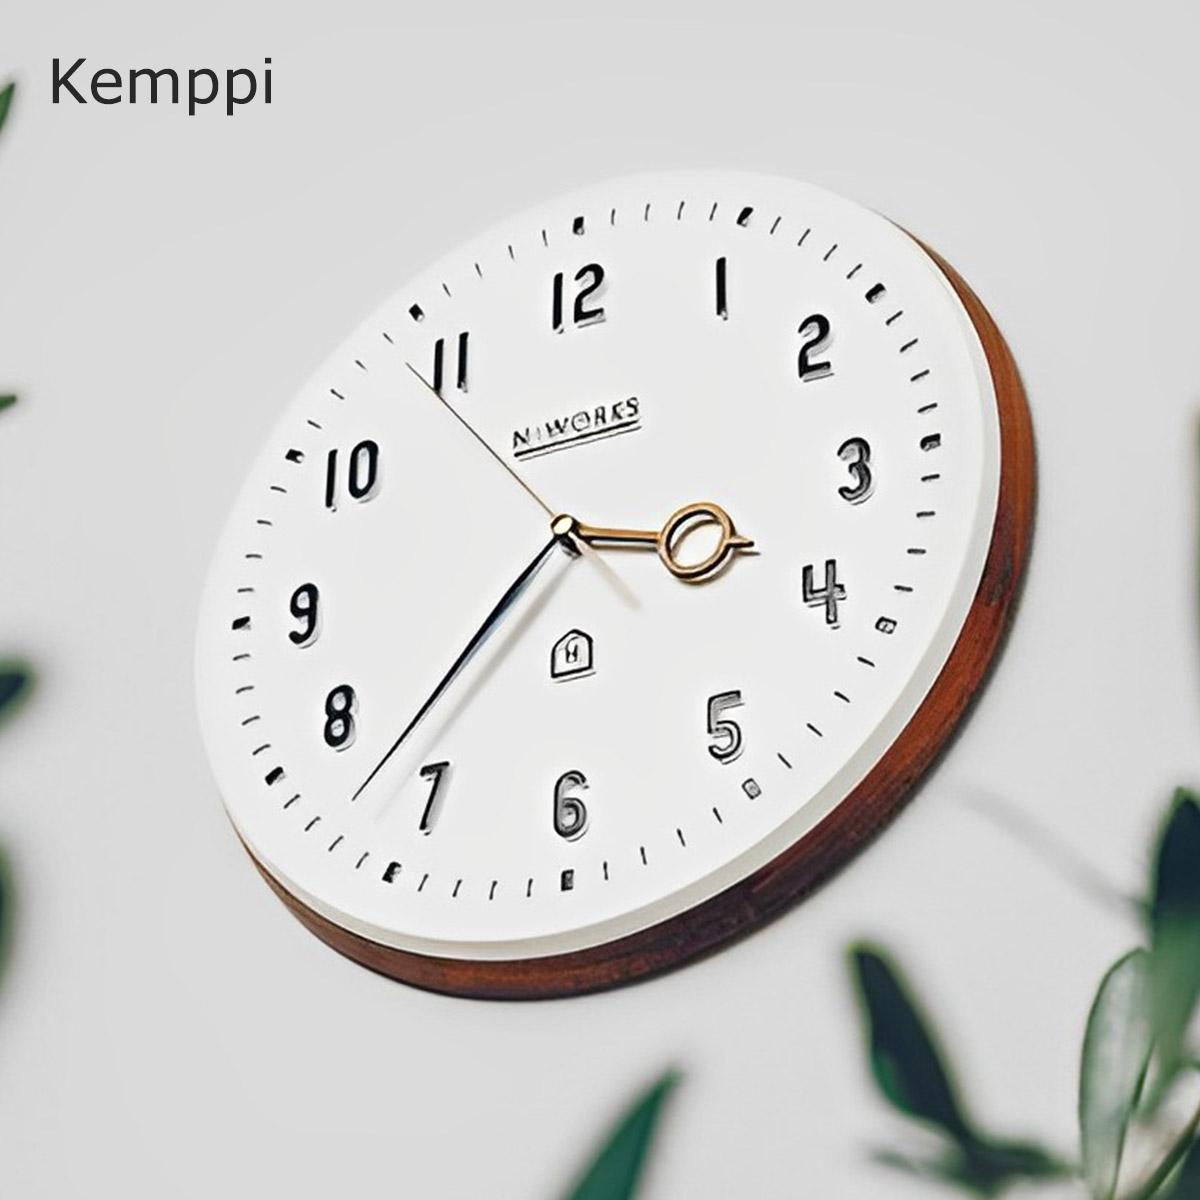 壁掛け時計 時計 正規品 中古 アナログ オシャレ レトロ 北欧 おしゃれ 壁掛け 掛け時計 Kemppi ケンピ CL-3931 白 ホワイト デザイナーズ ミッドセンチュリー 可愛い PUP01 カフェ ウォールクロック 見やすい あす楽 インテリア シンプル 着後レビューでクーポン